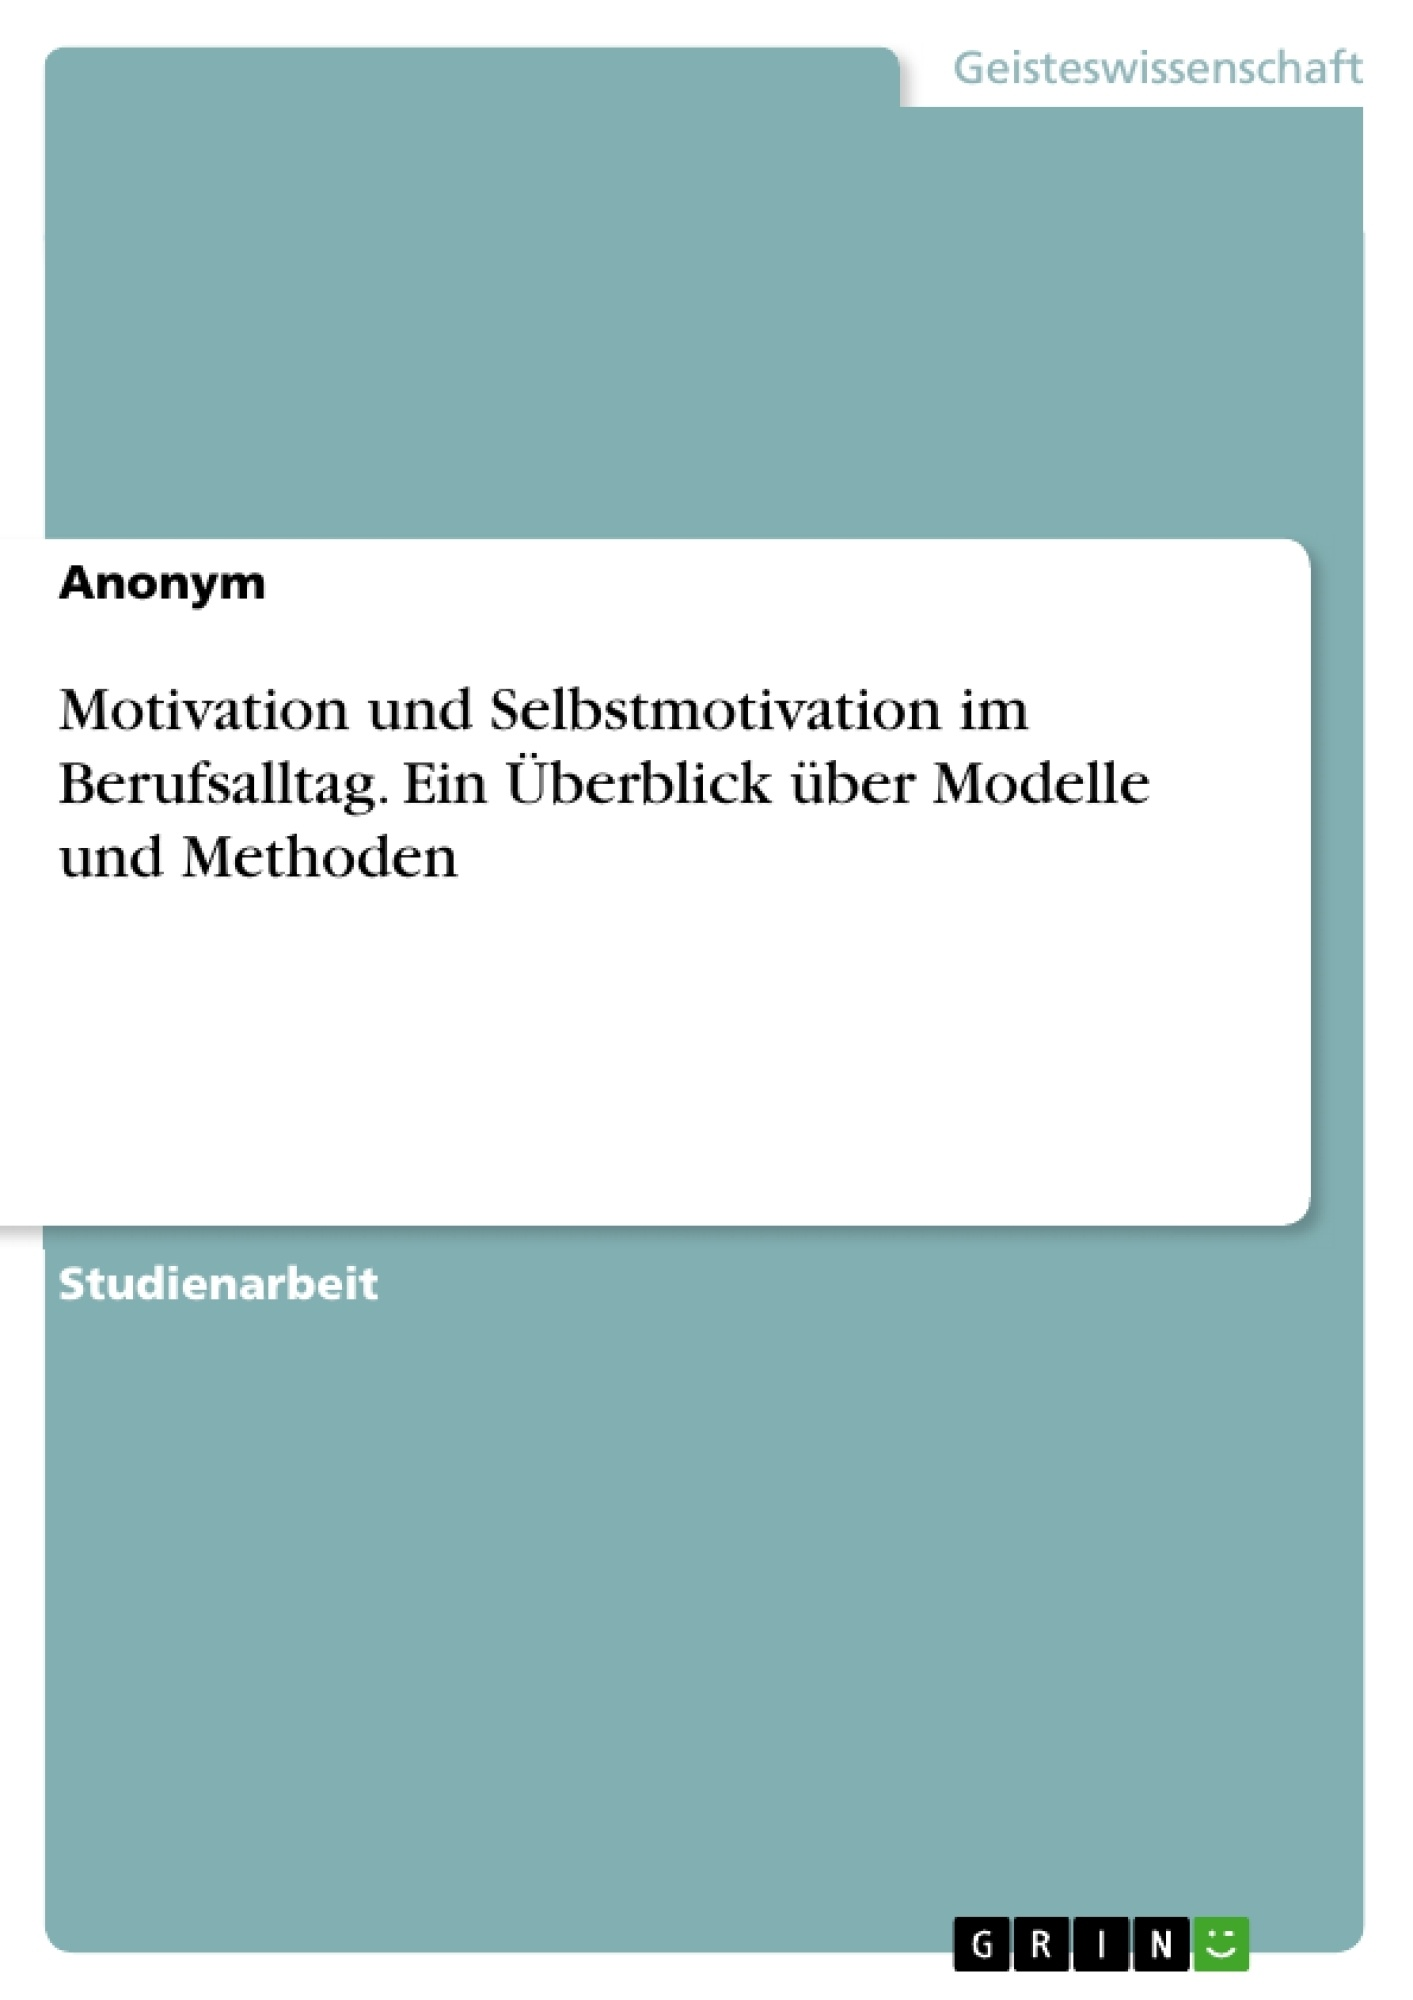 Titel: Motivation und Selbstmotivation im Berufsalltag. Ein Überblick über Modelle und Methoden